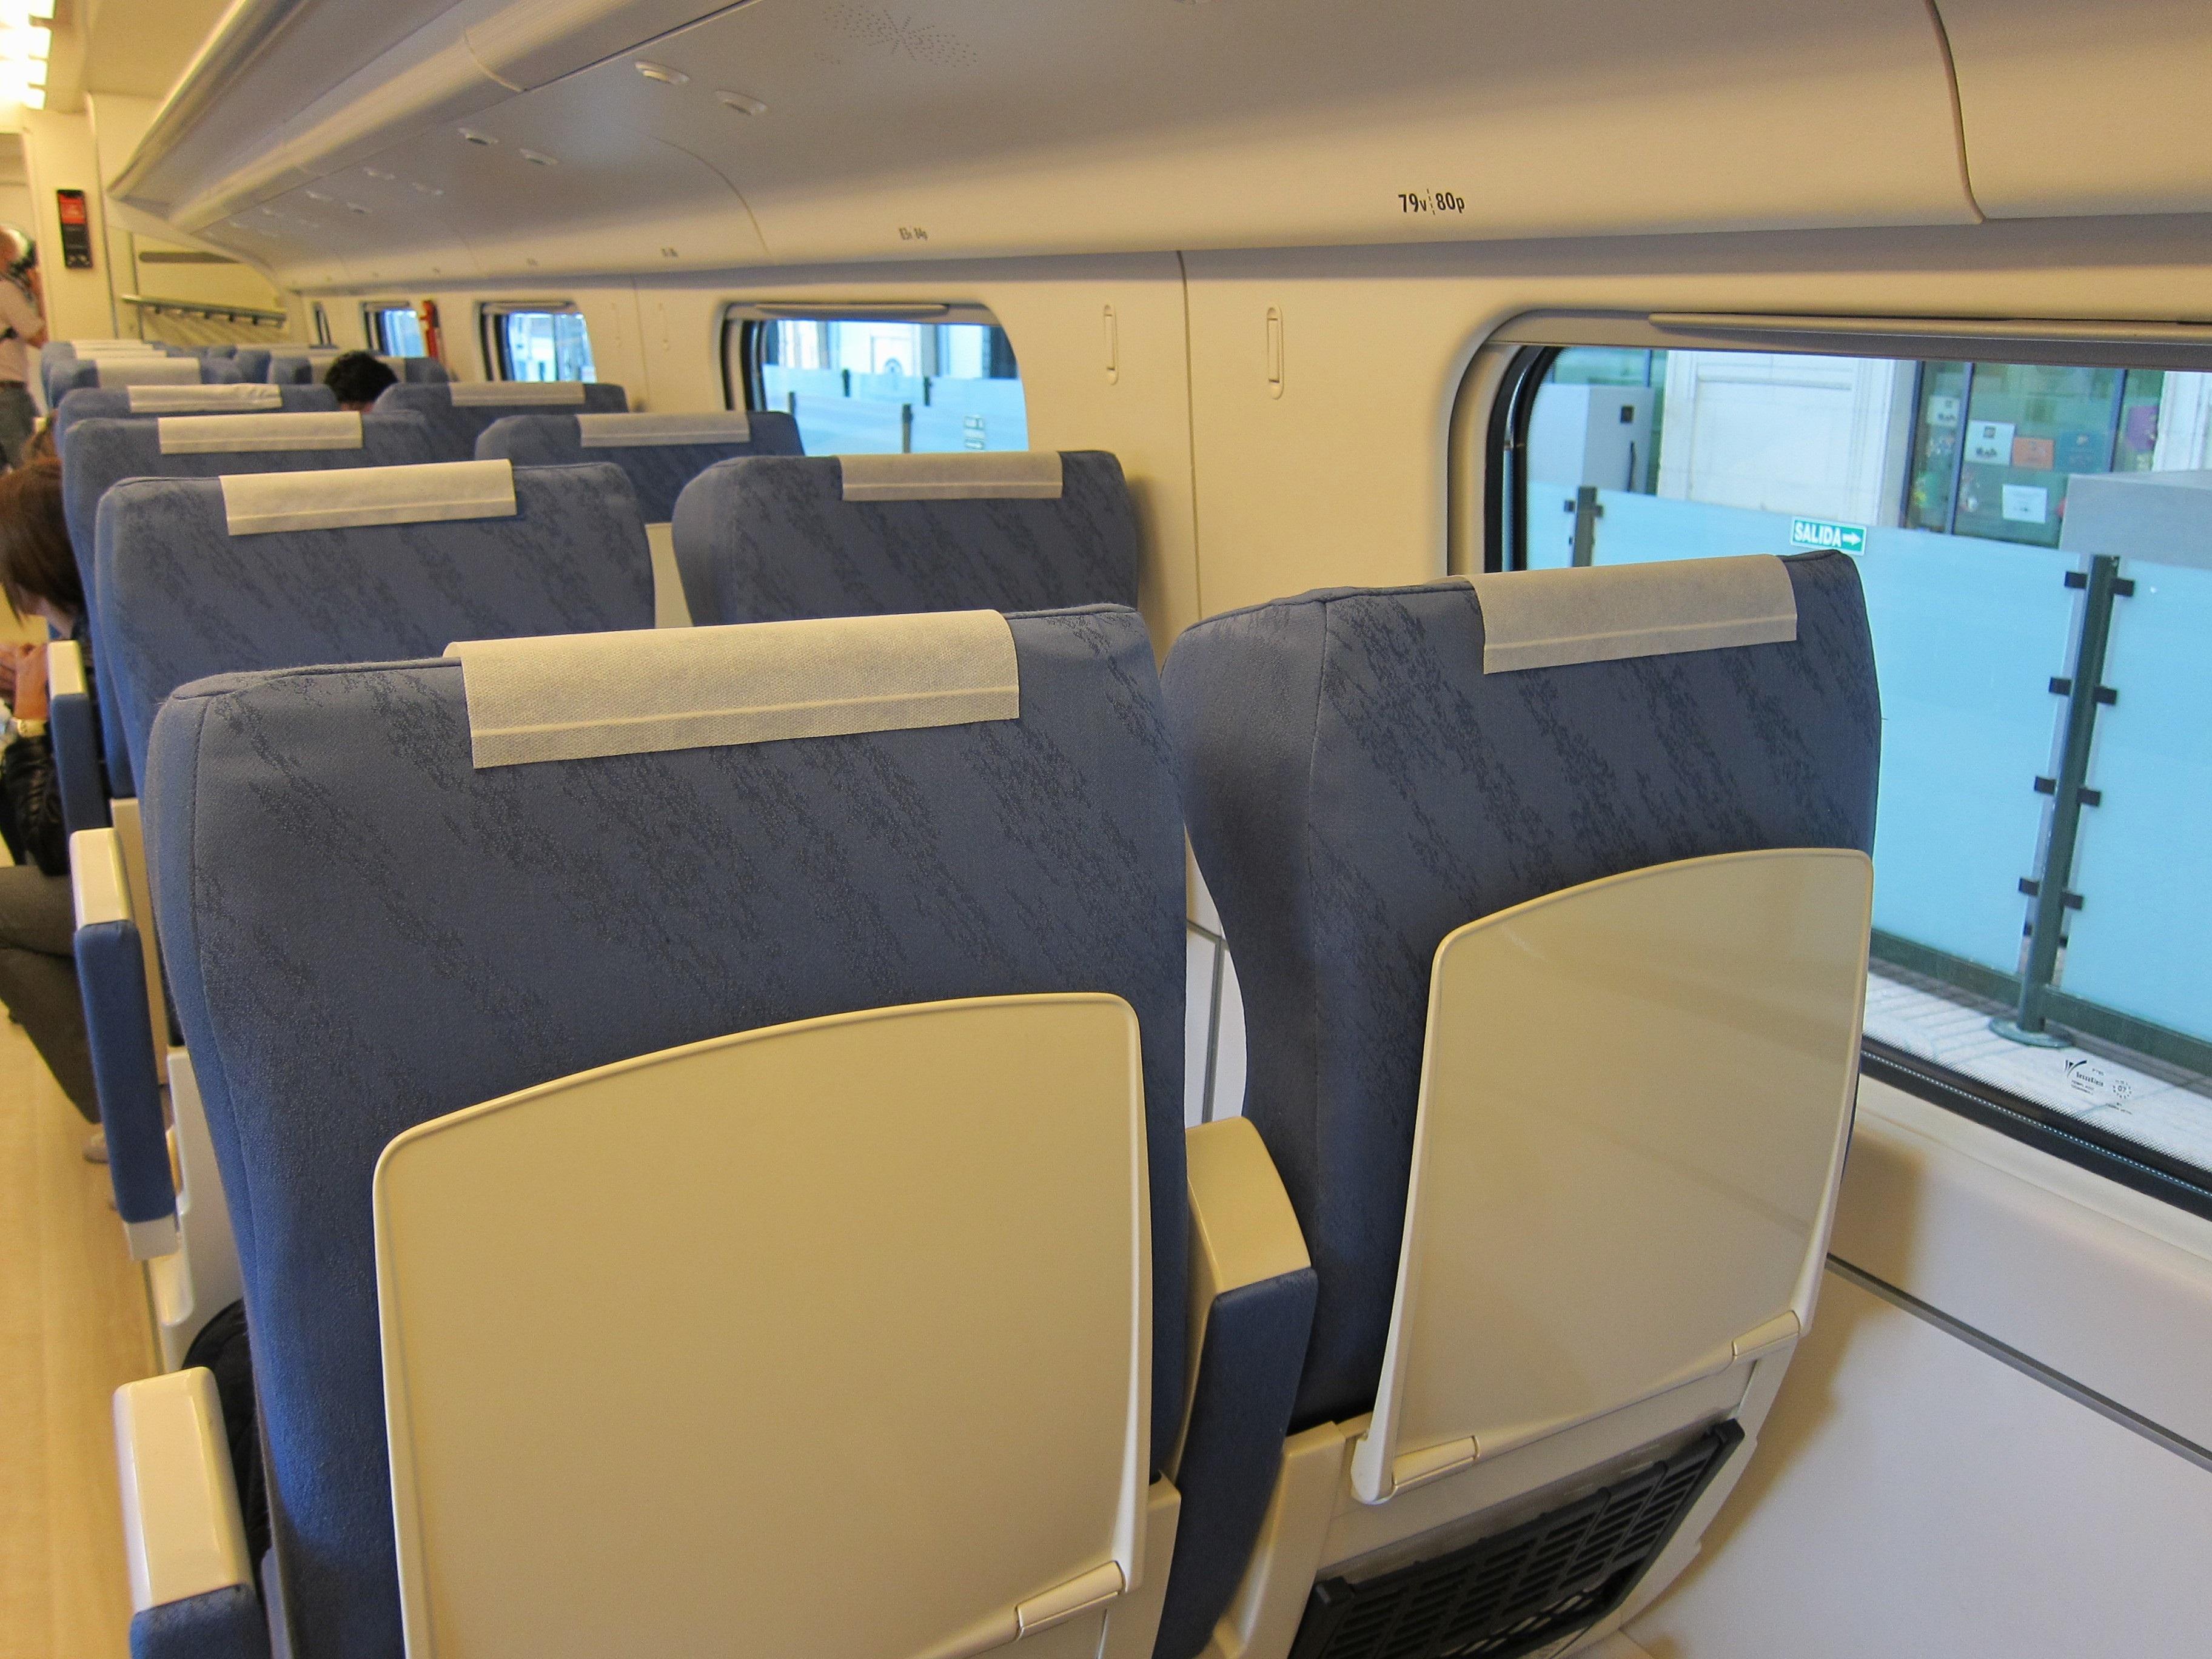 Renfe refuerza desde mañana con más de 15.000 plazas adicionales los trenes en CyL durante las vacaciones de Navidad